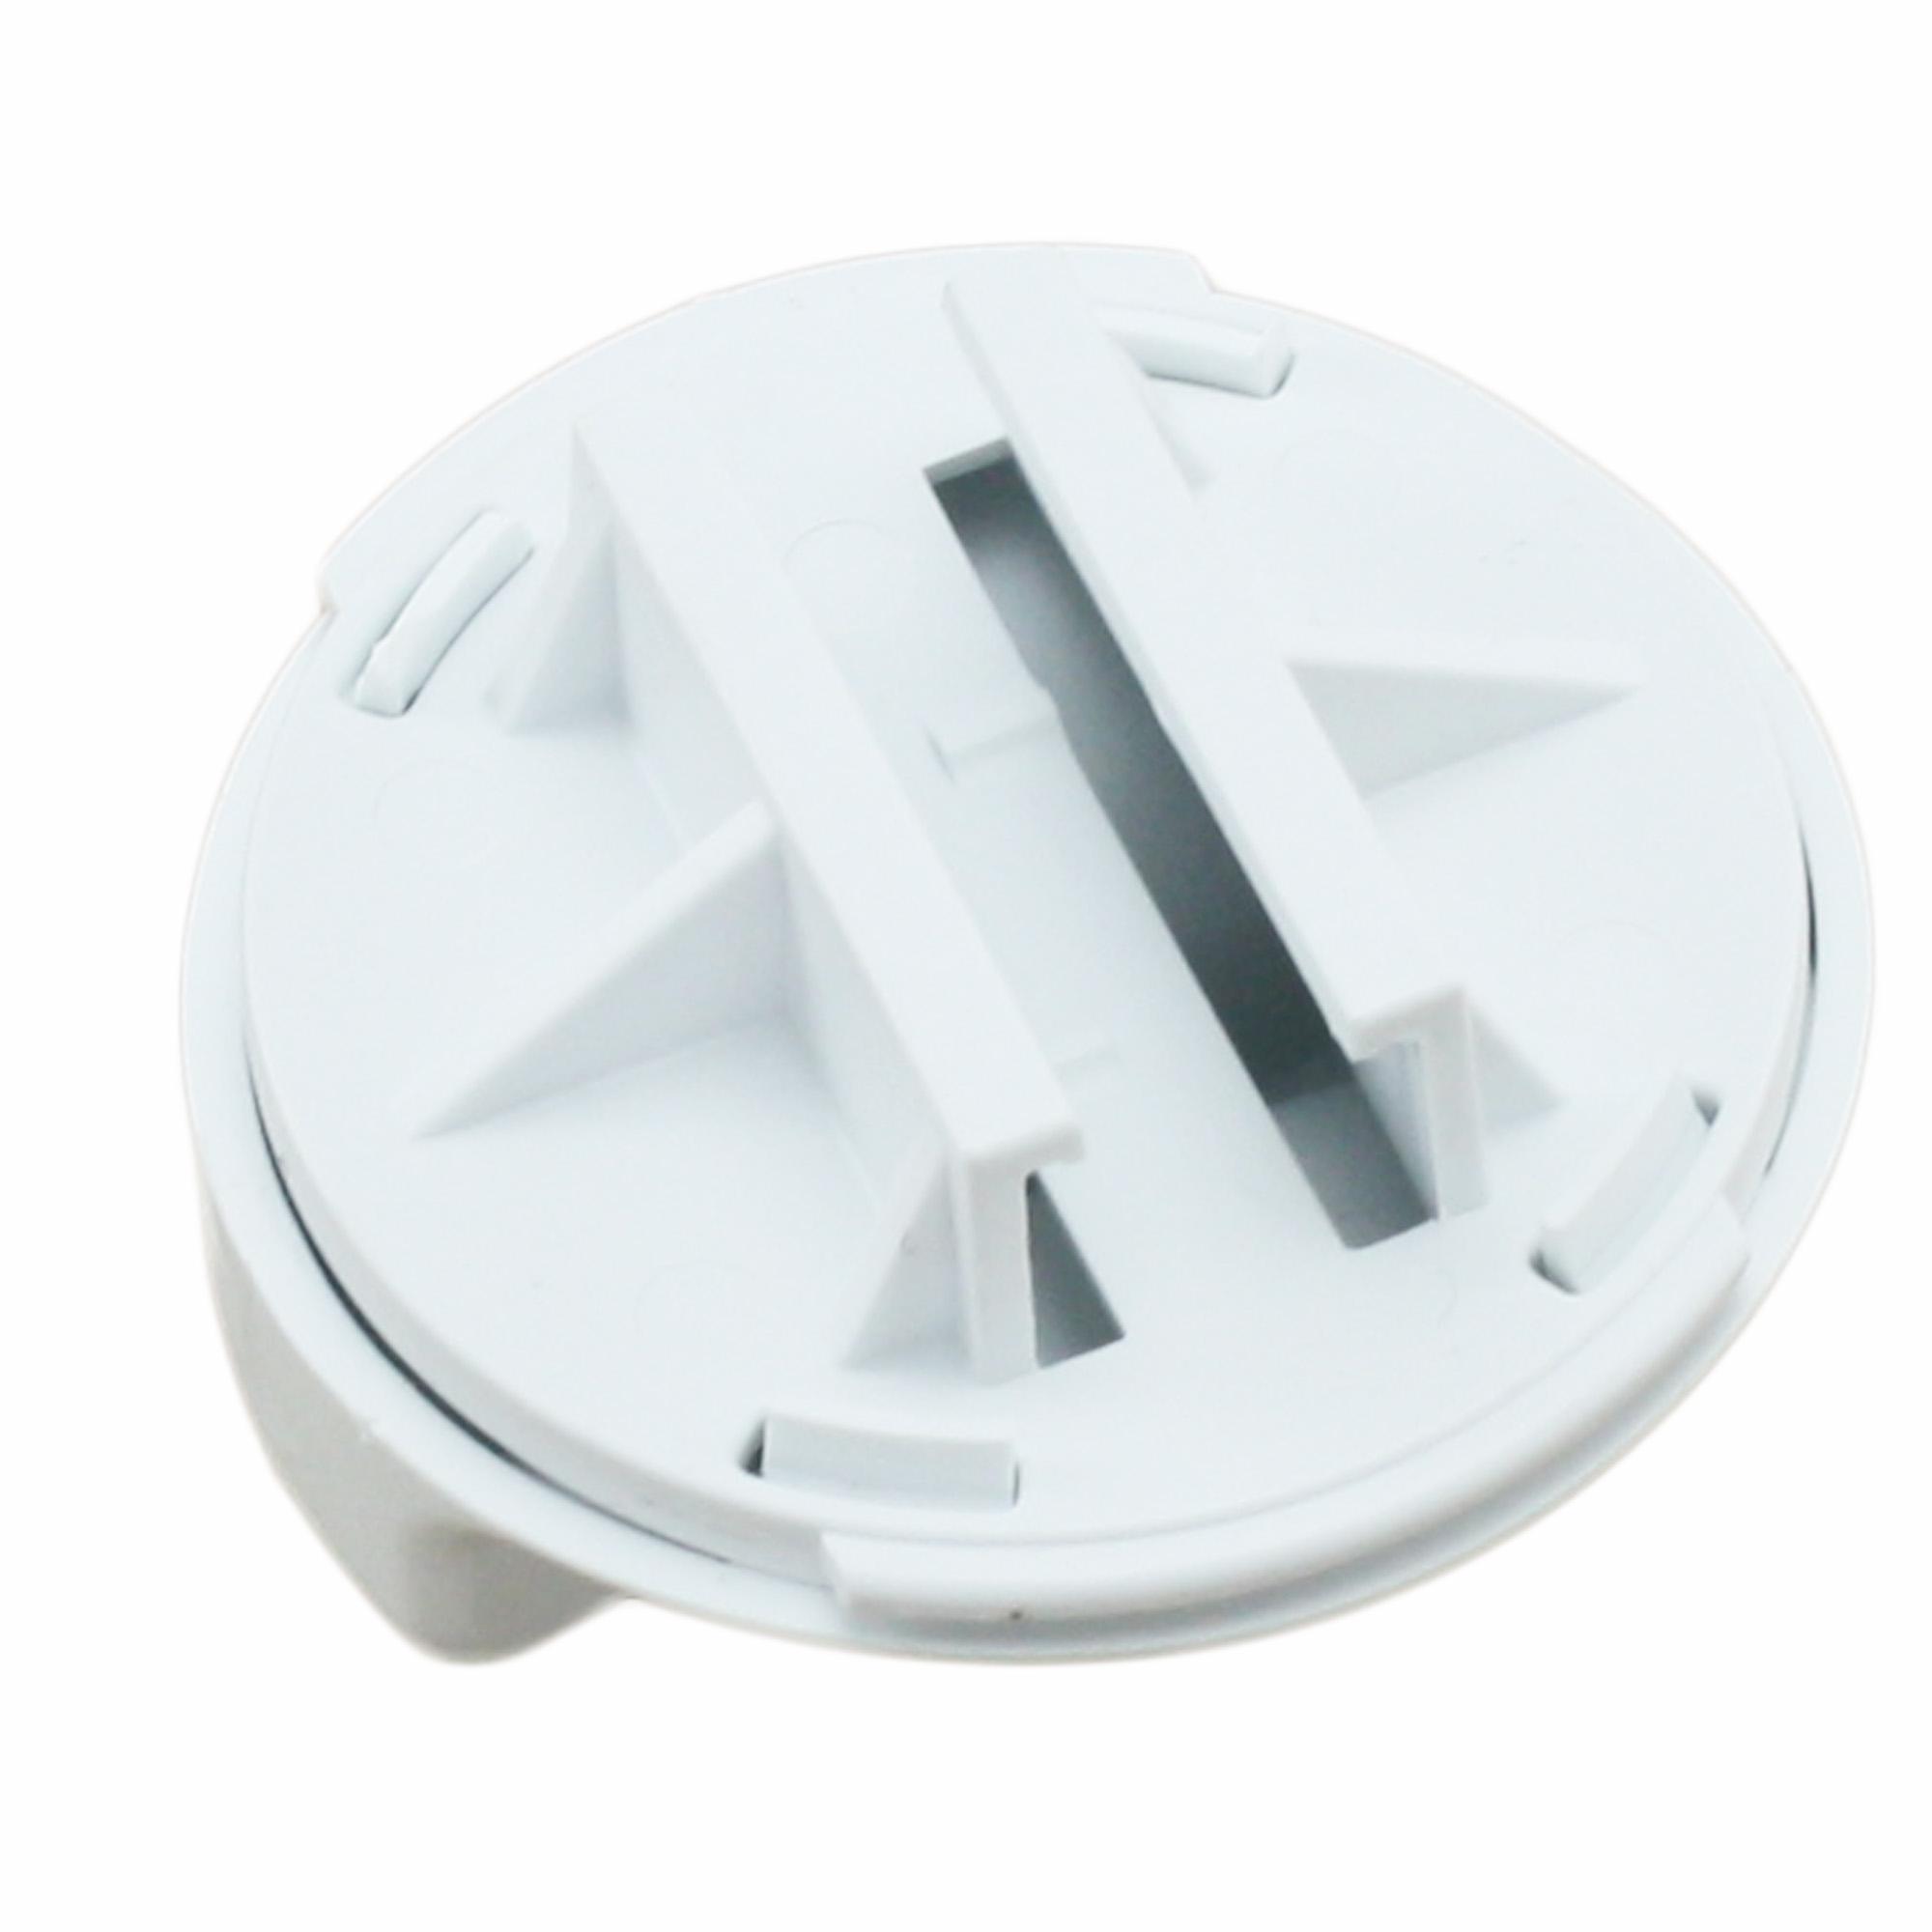 Genuine Oem 2186494w Whirlpool Kenmore Refrigerator Water